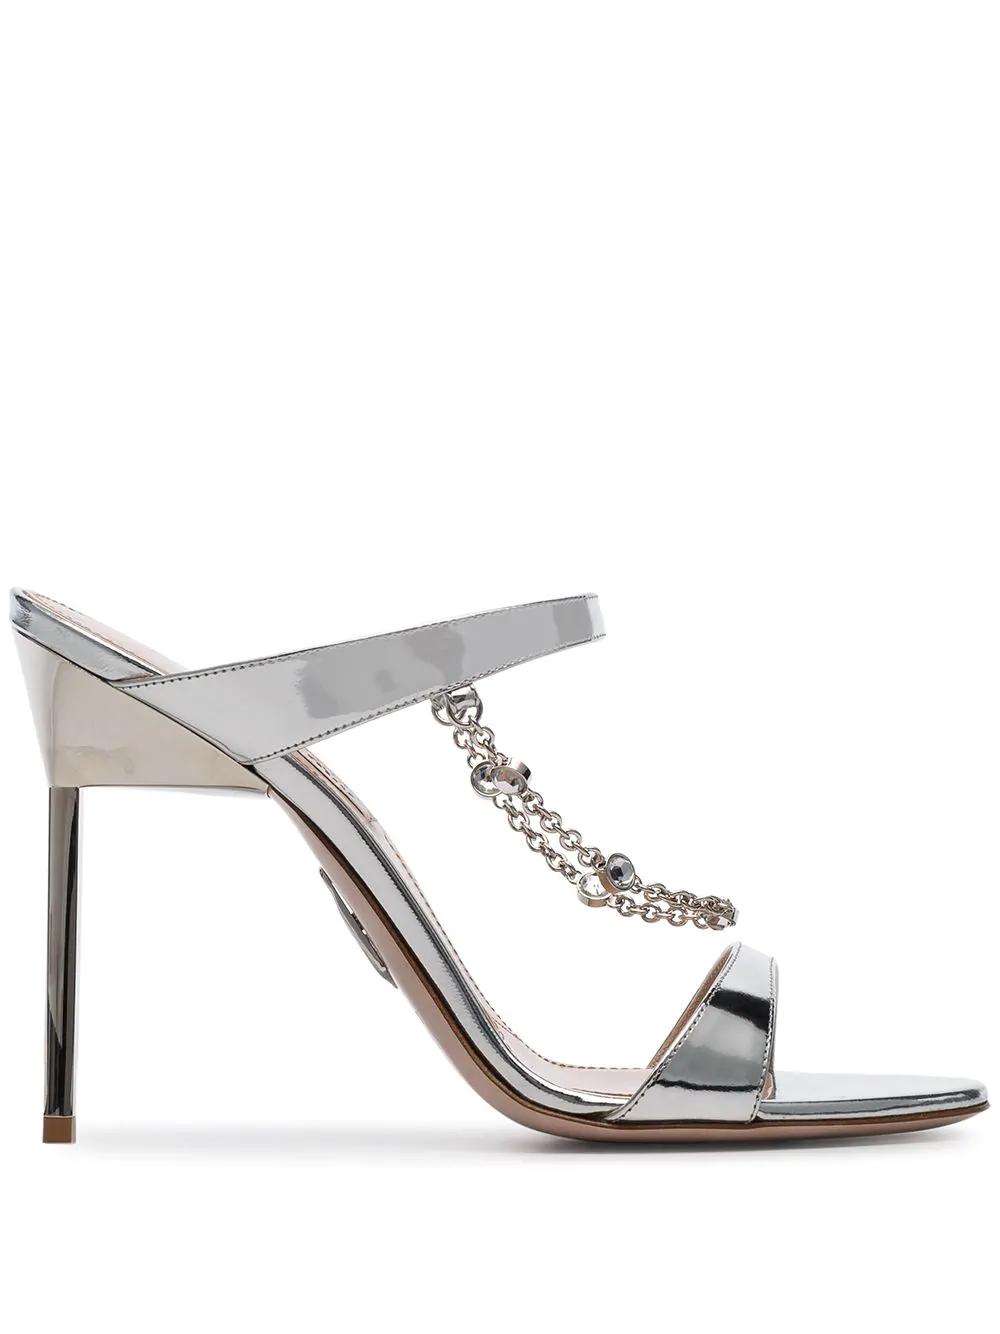 6fbd31f58b01 Miu Miu Embellished Metallic Sandals - Silver